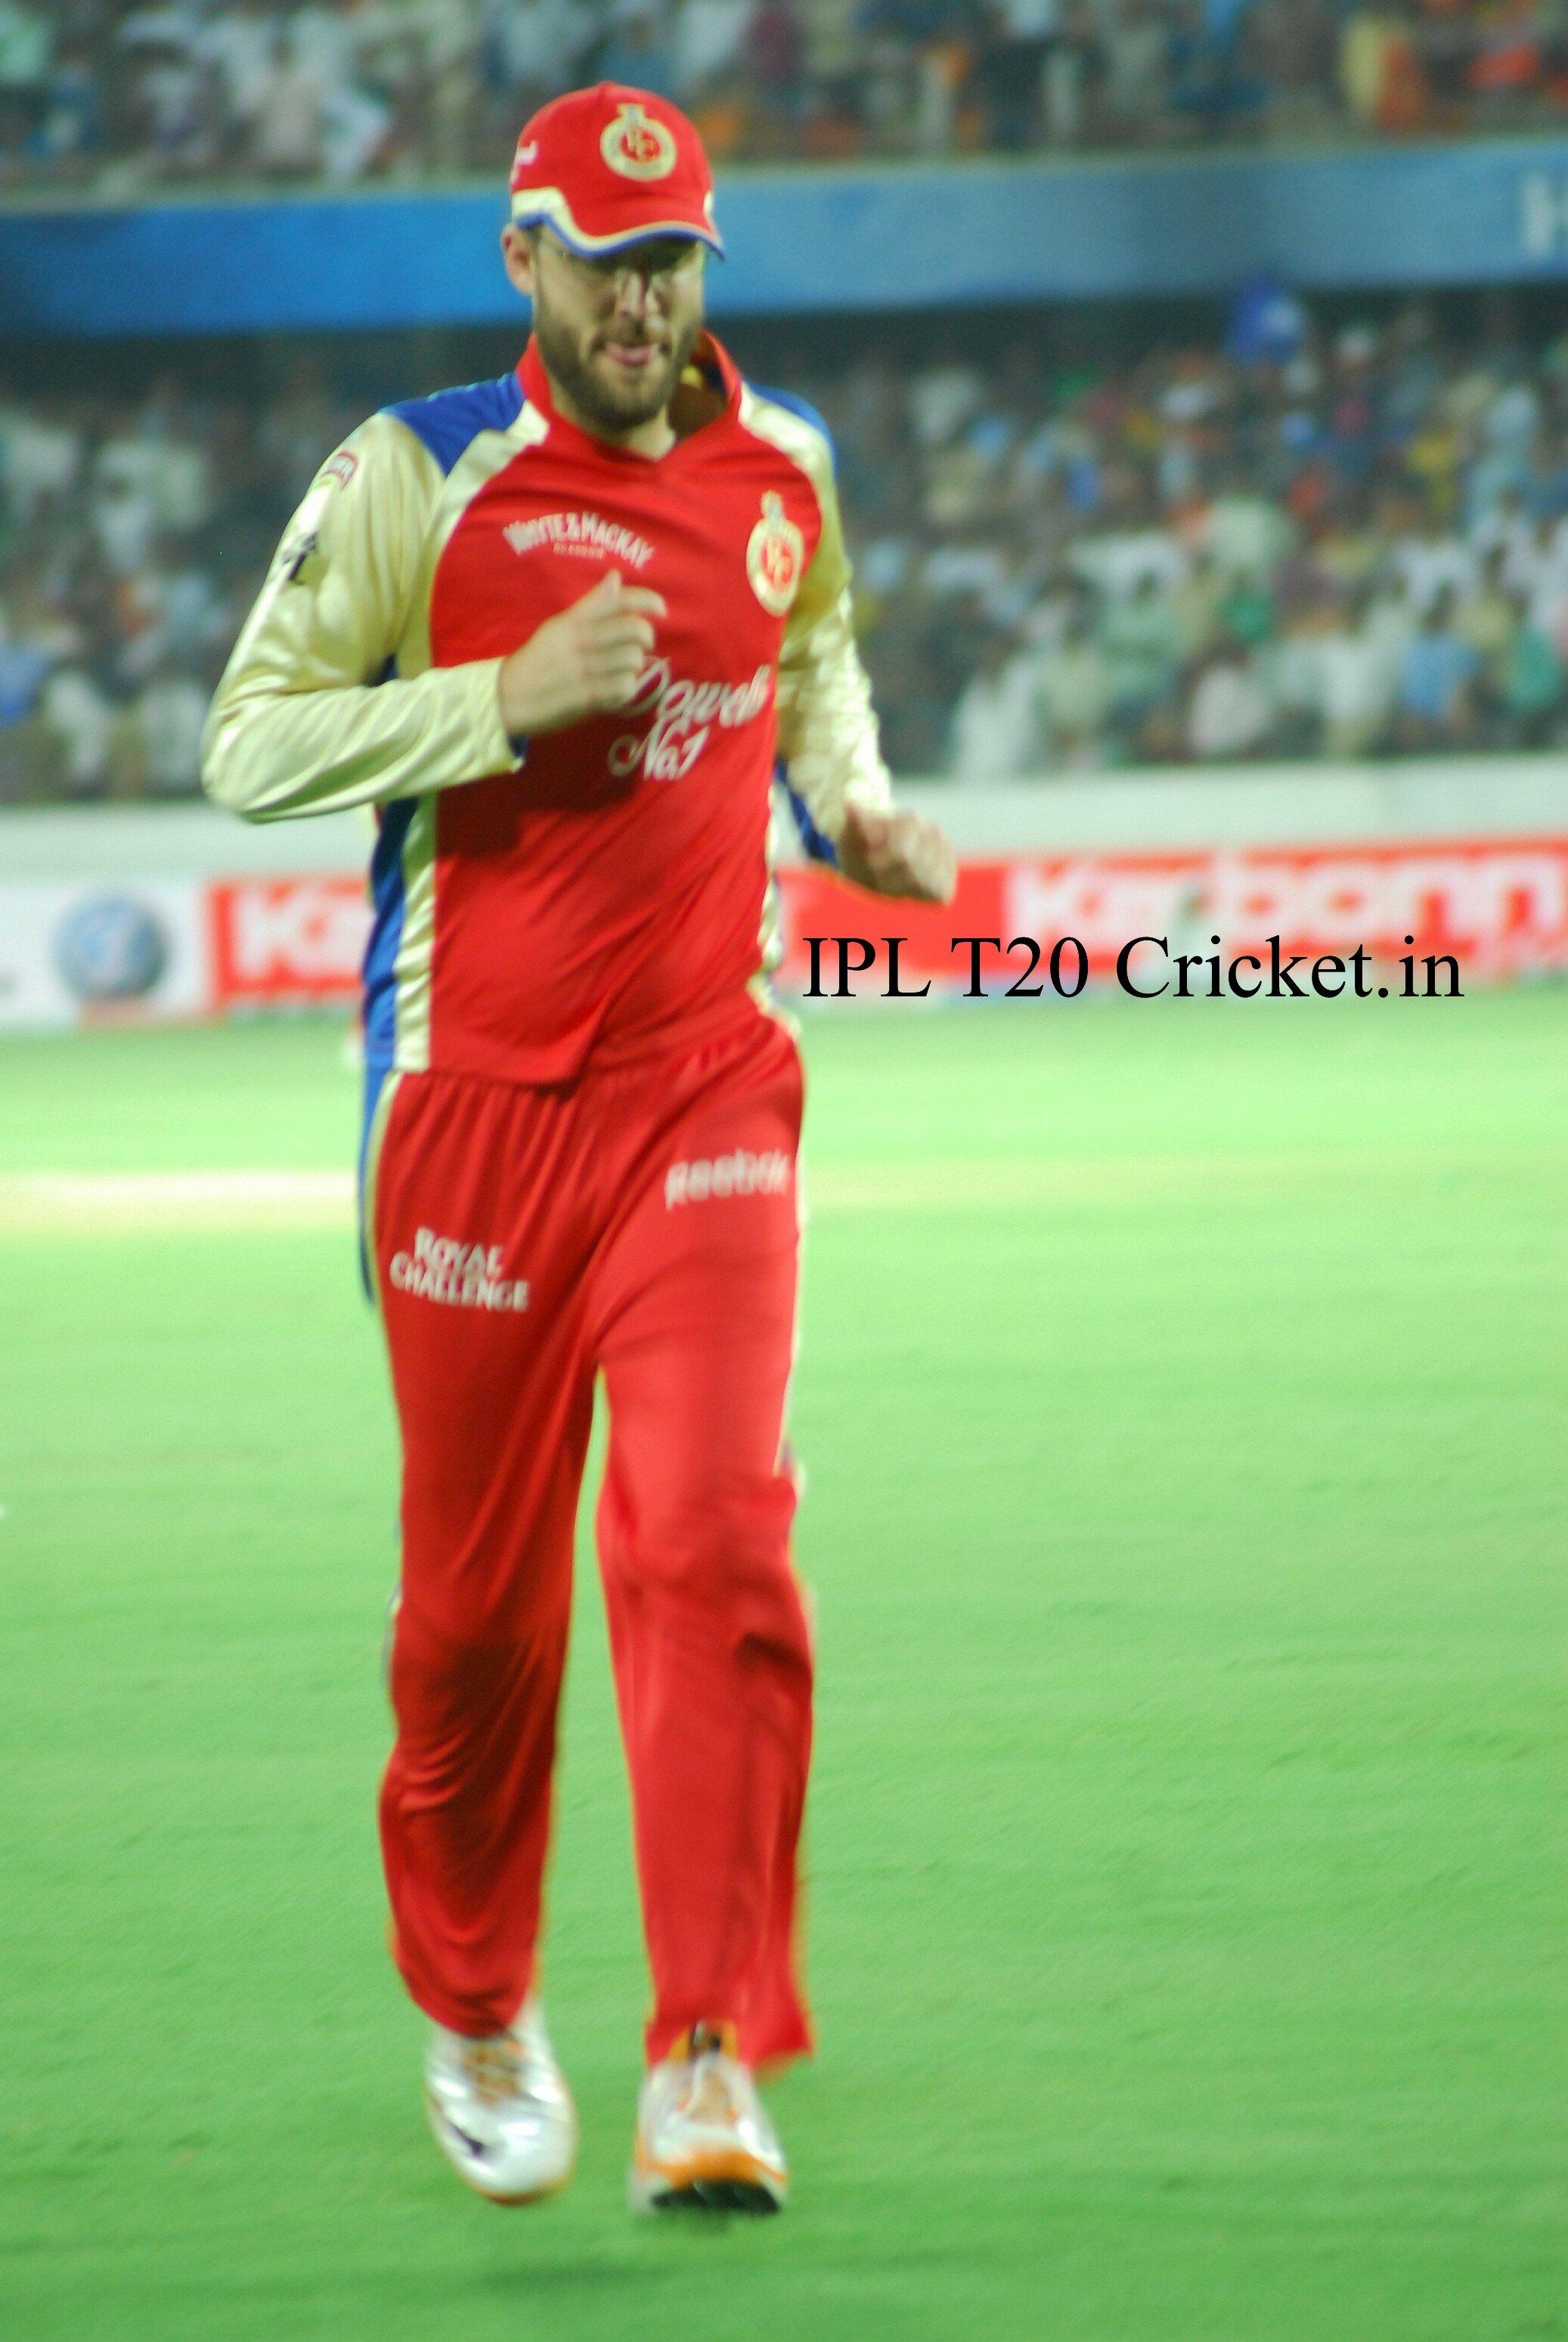 RCB T20 team captain Daniel Vettori